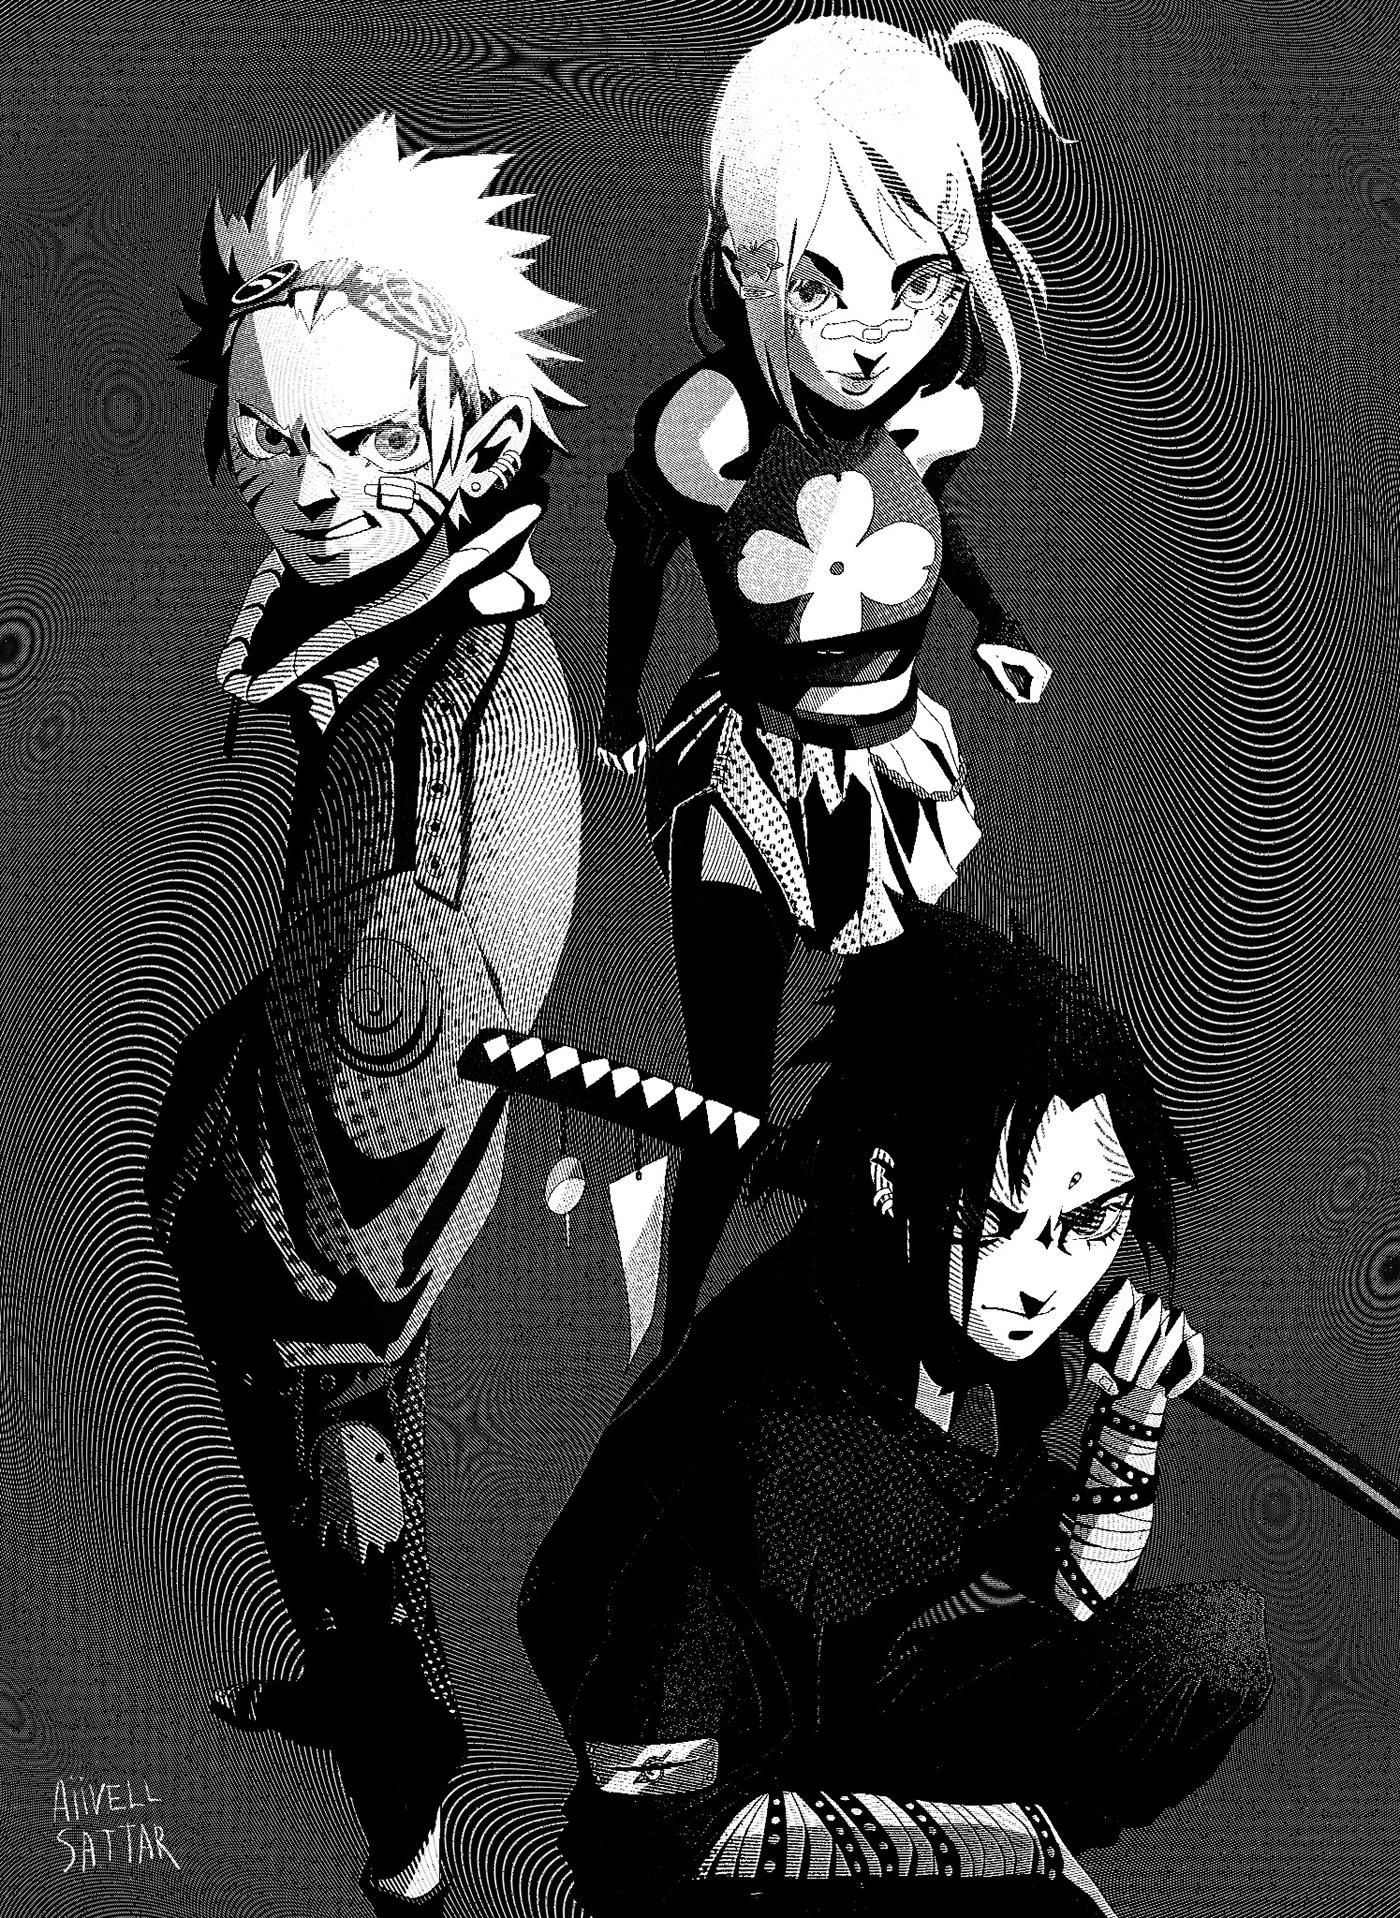 naruto sakura sasuke team 7 uchiha Uzumaki